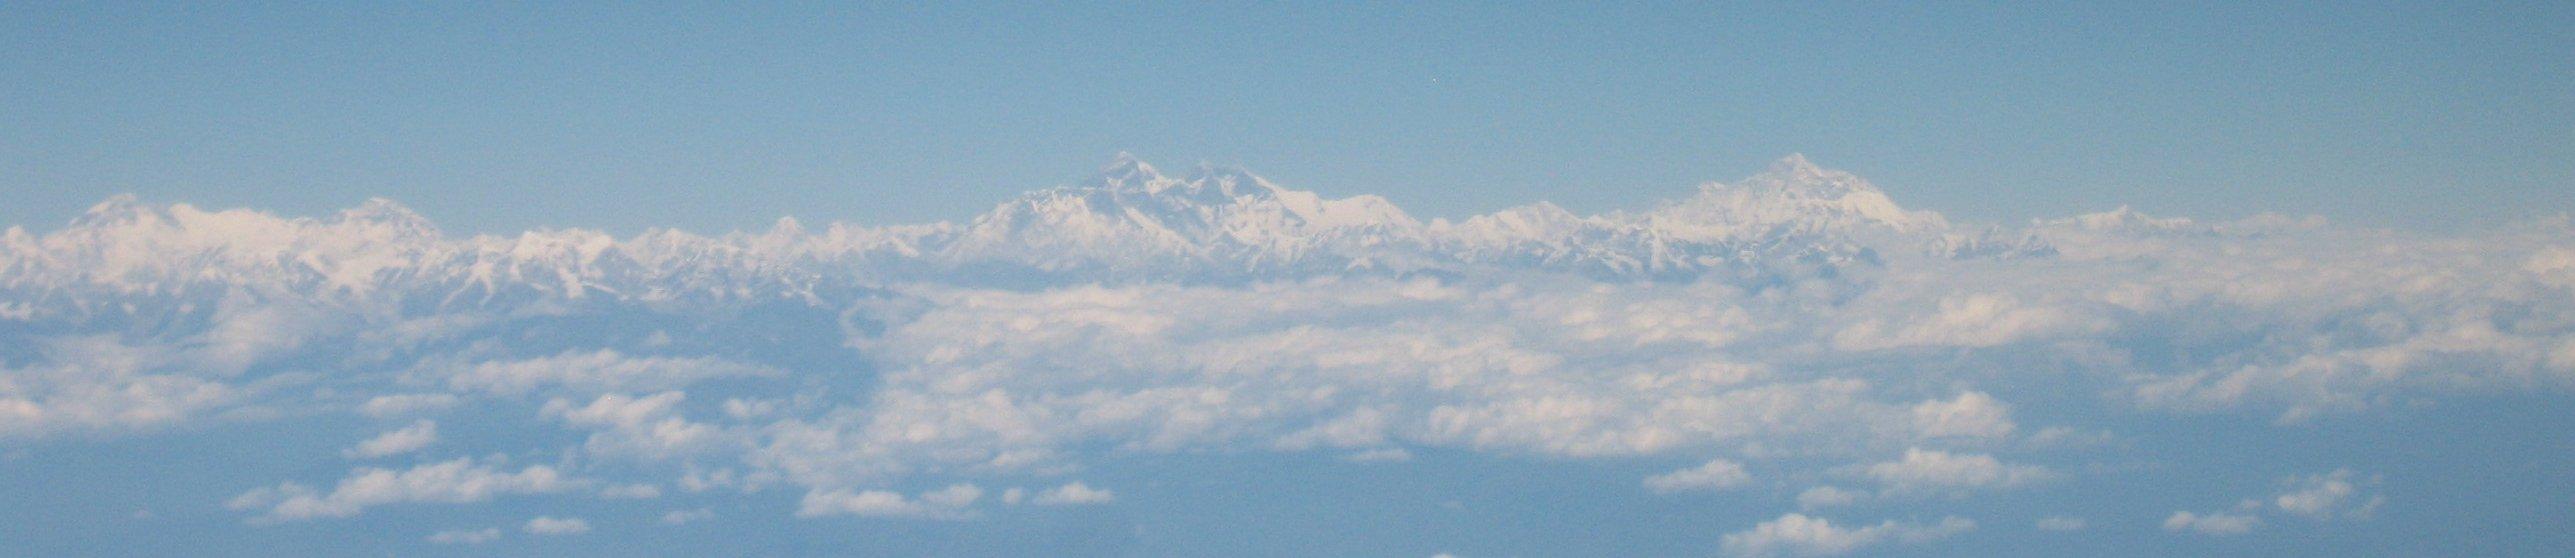 ネパール banner image